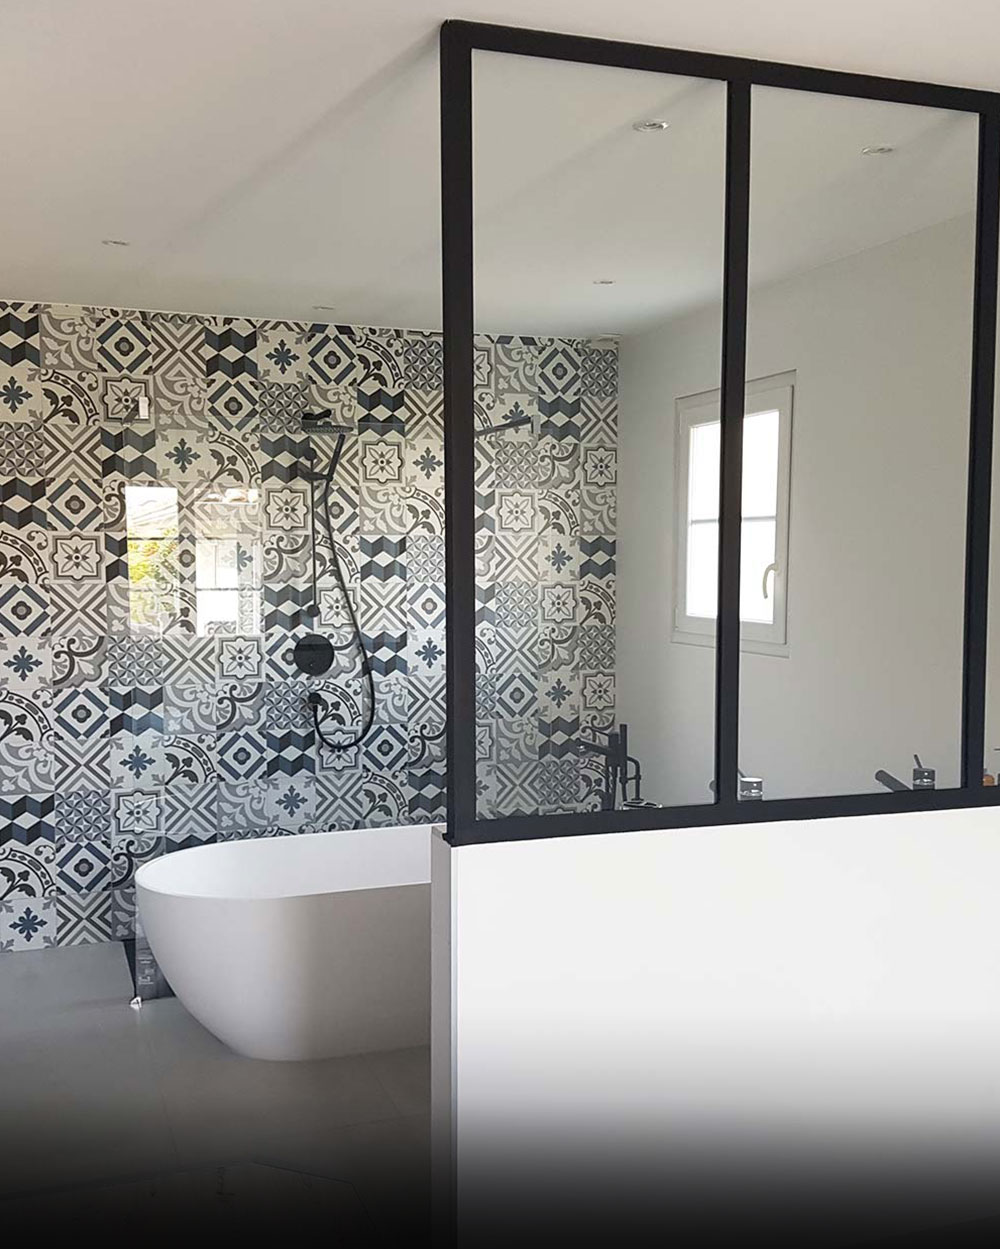 Salle de bain rénovée avec verrière